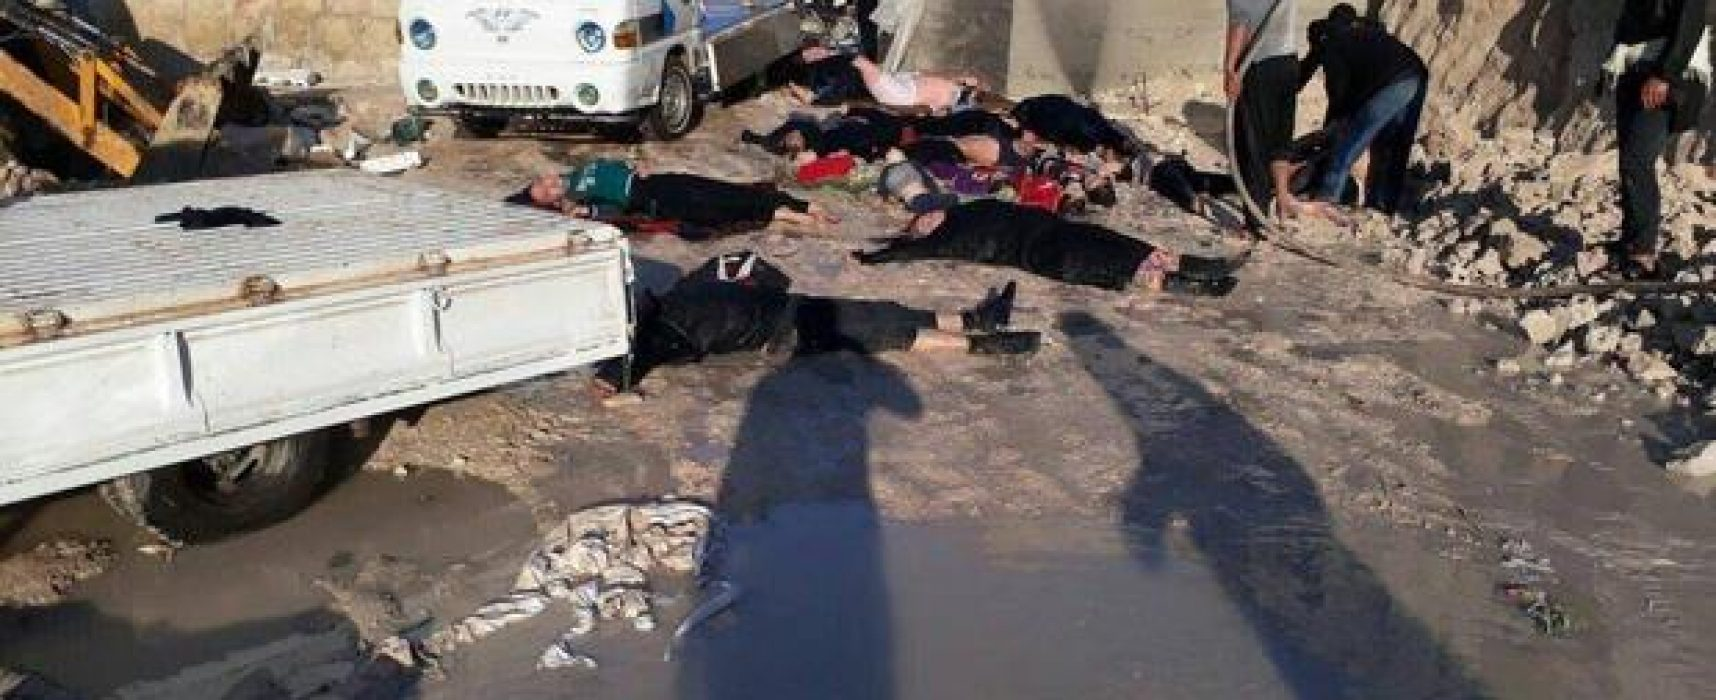 Минобороны России назвало инсценировкой химатаку с применением зарина в Сирии. «РИА Новости» и «Вести» запутались в объяснениях